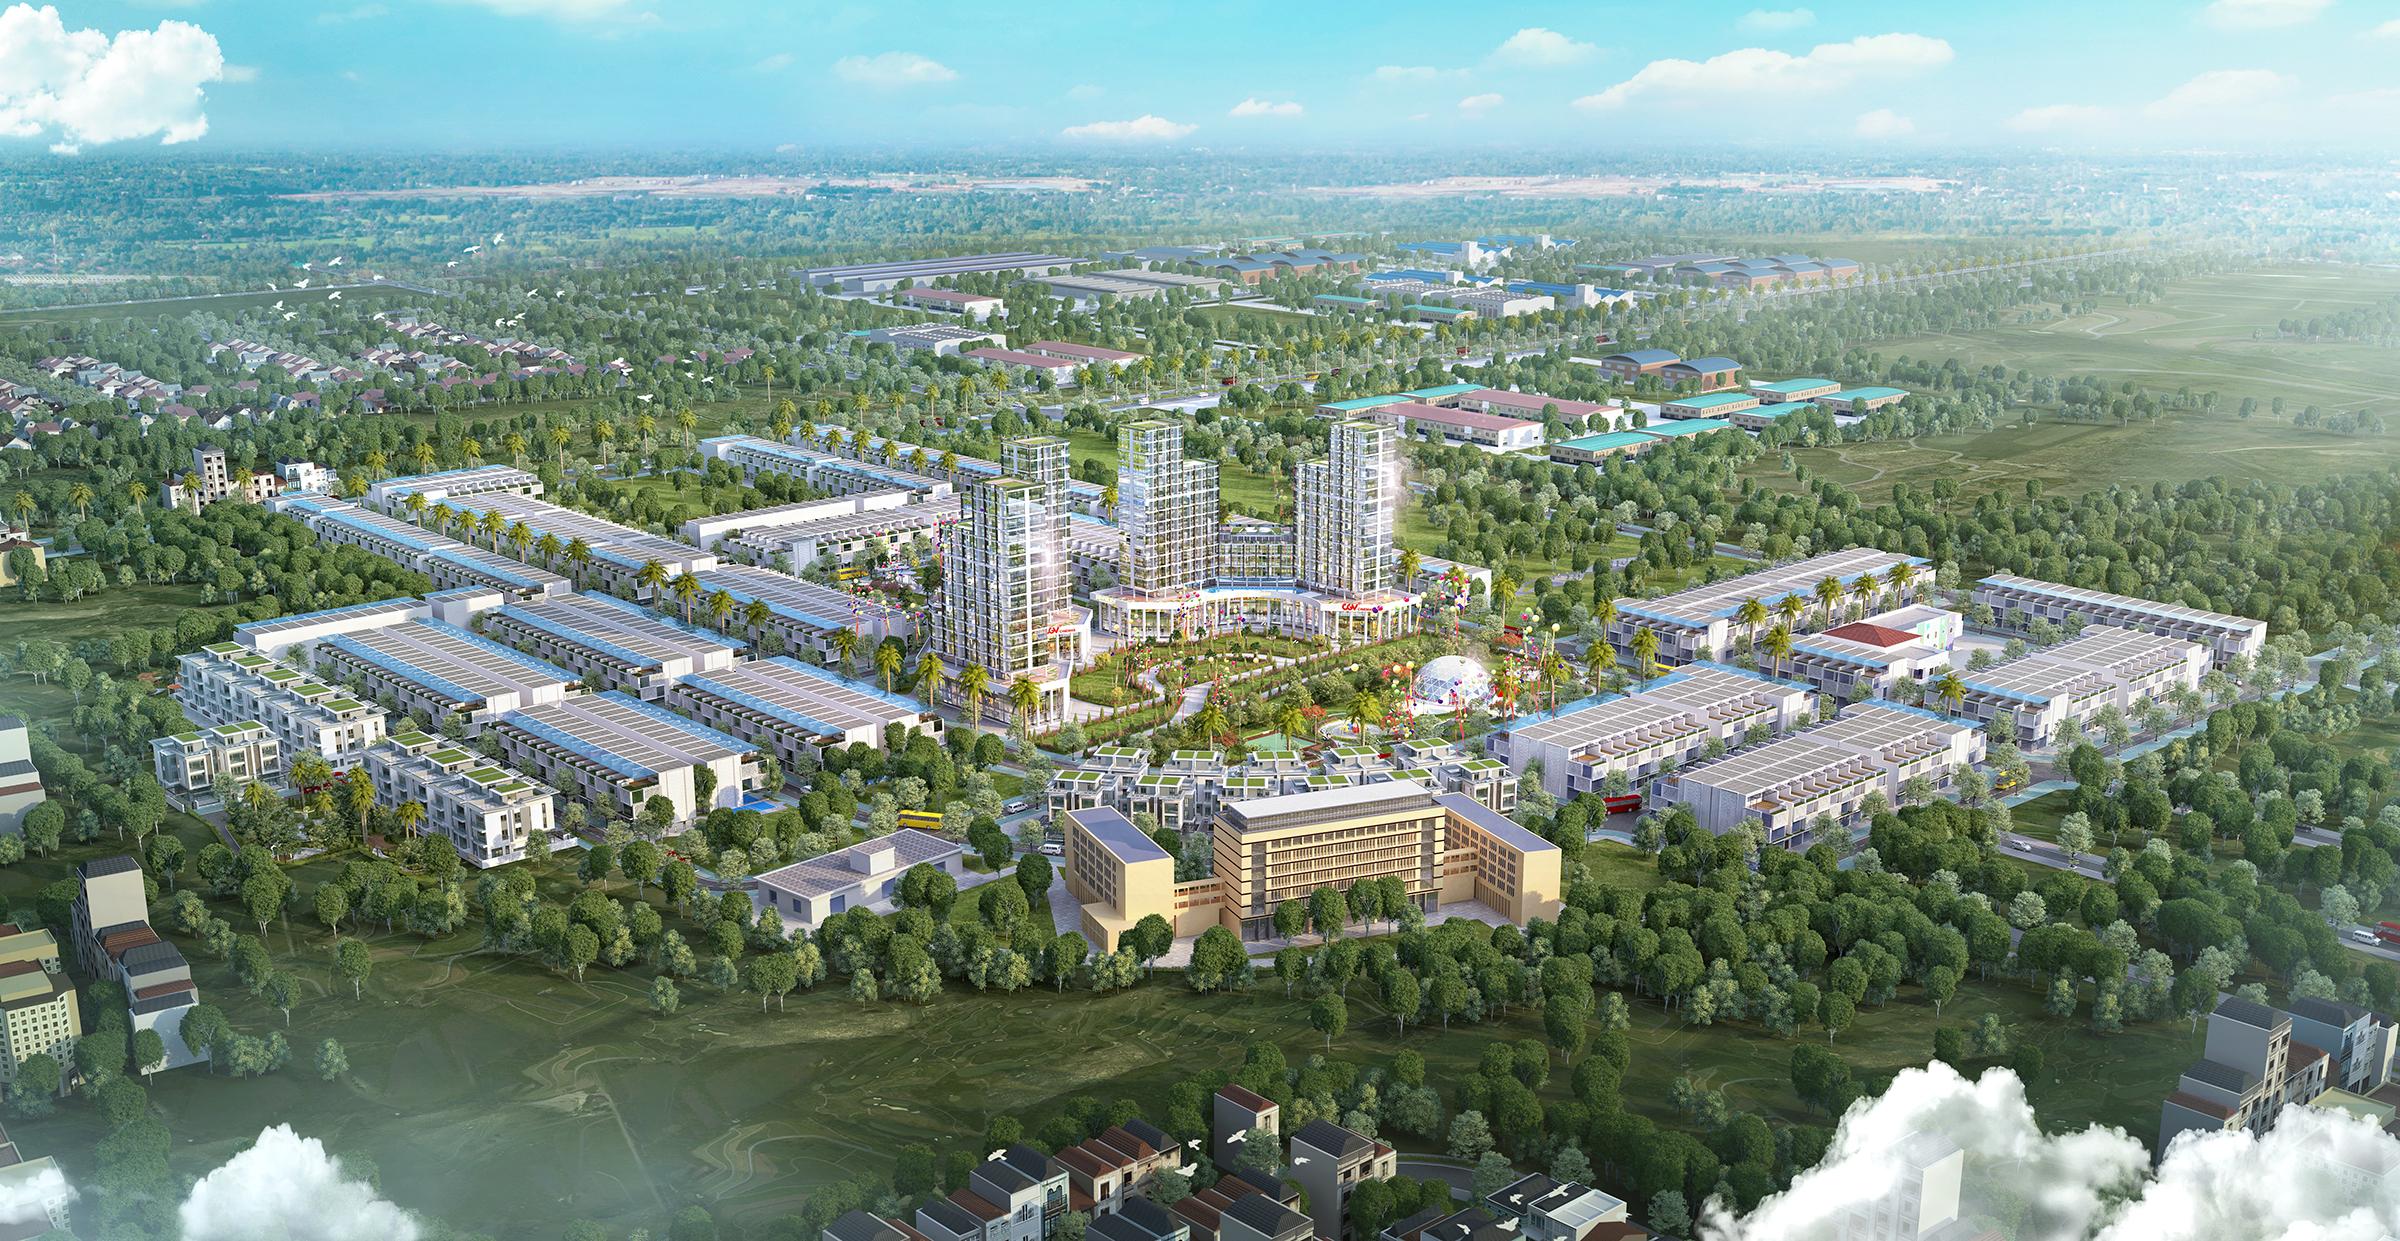 Giới thiệu sơ lượt về TNR Grand Long Khánh